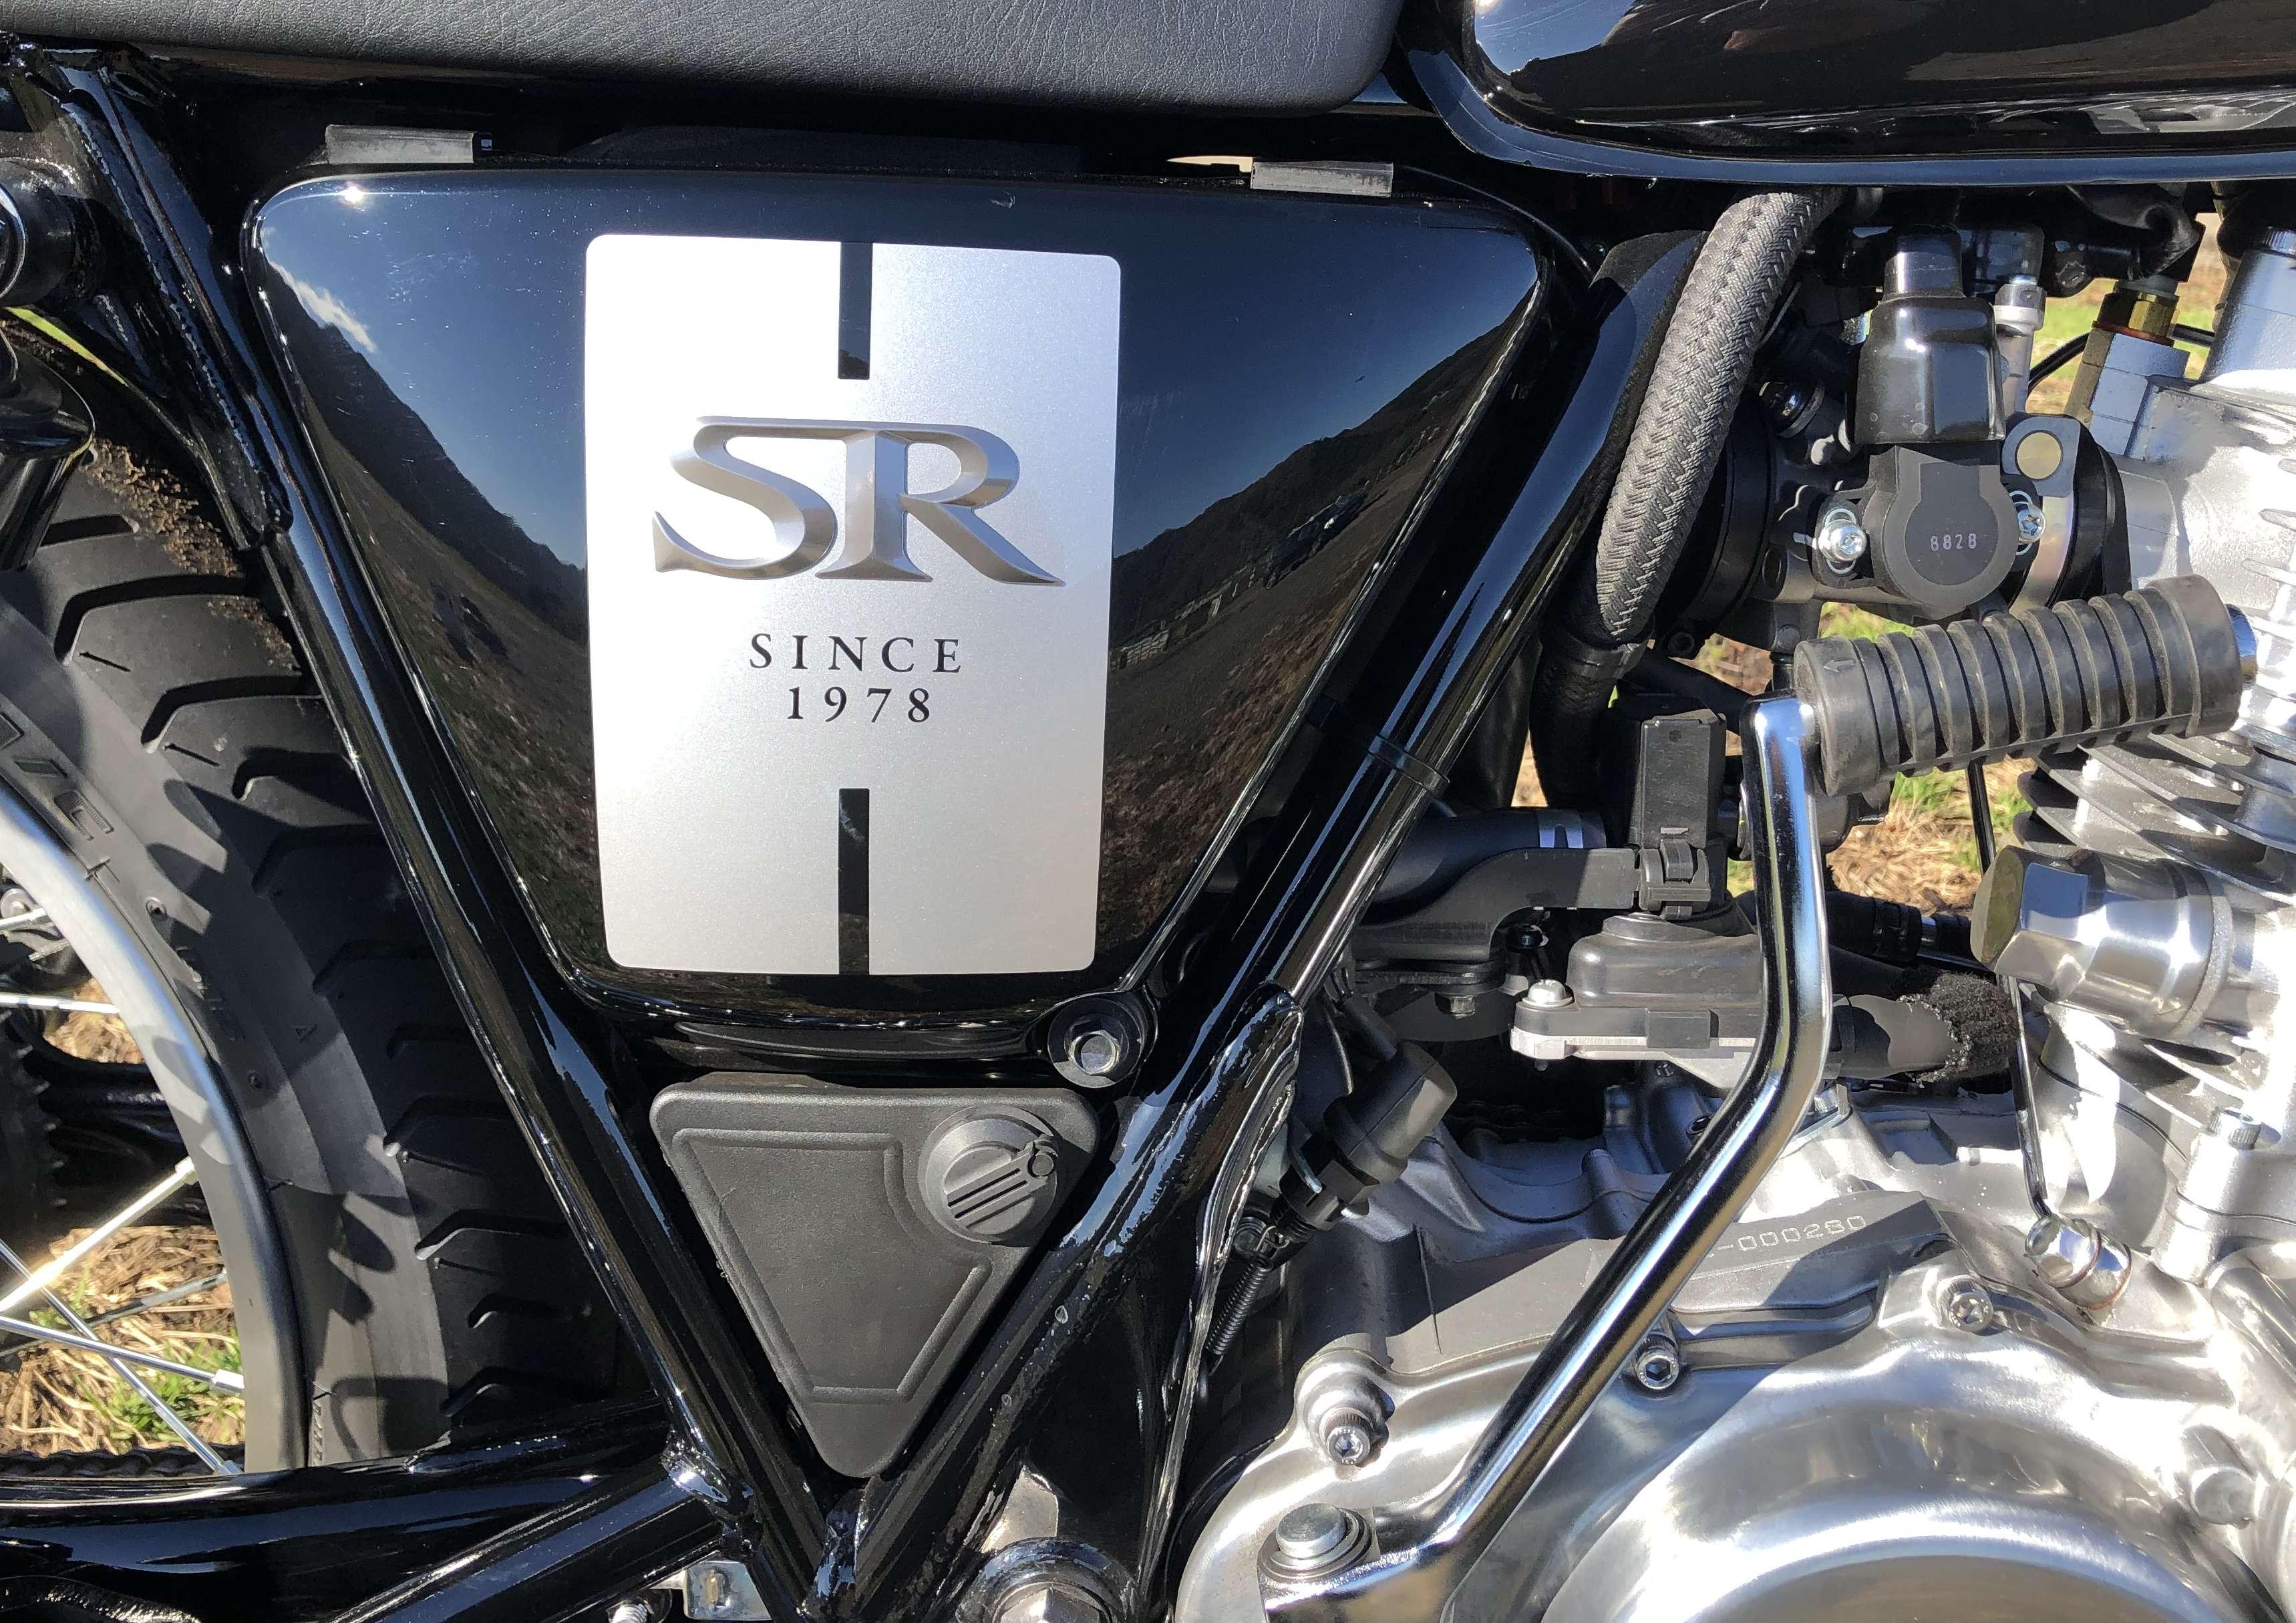 YAMAHA新型SR400試乗レポート 変わりゆく時代に変わらないSRの魅力